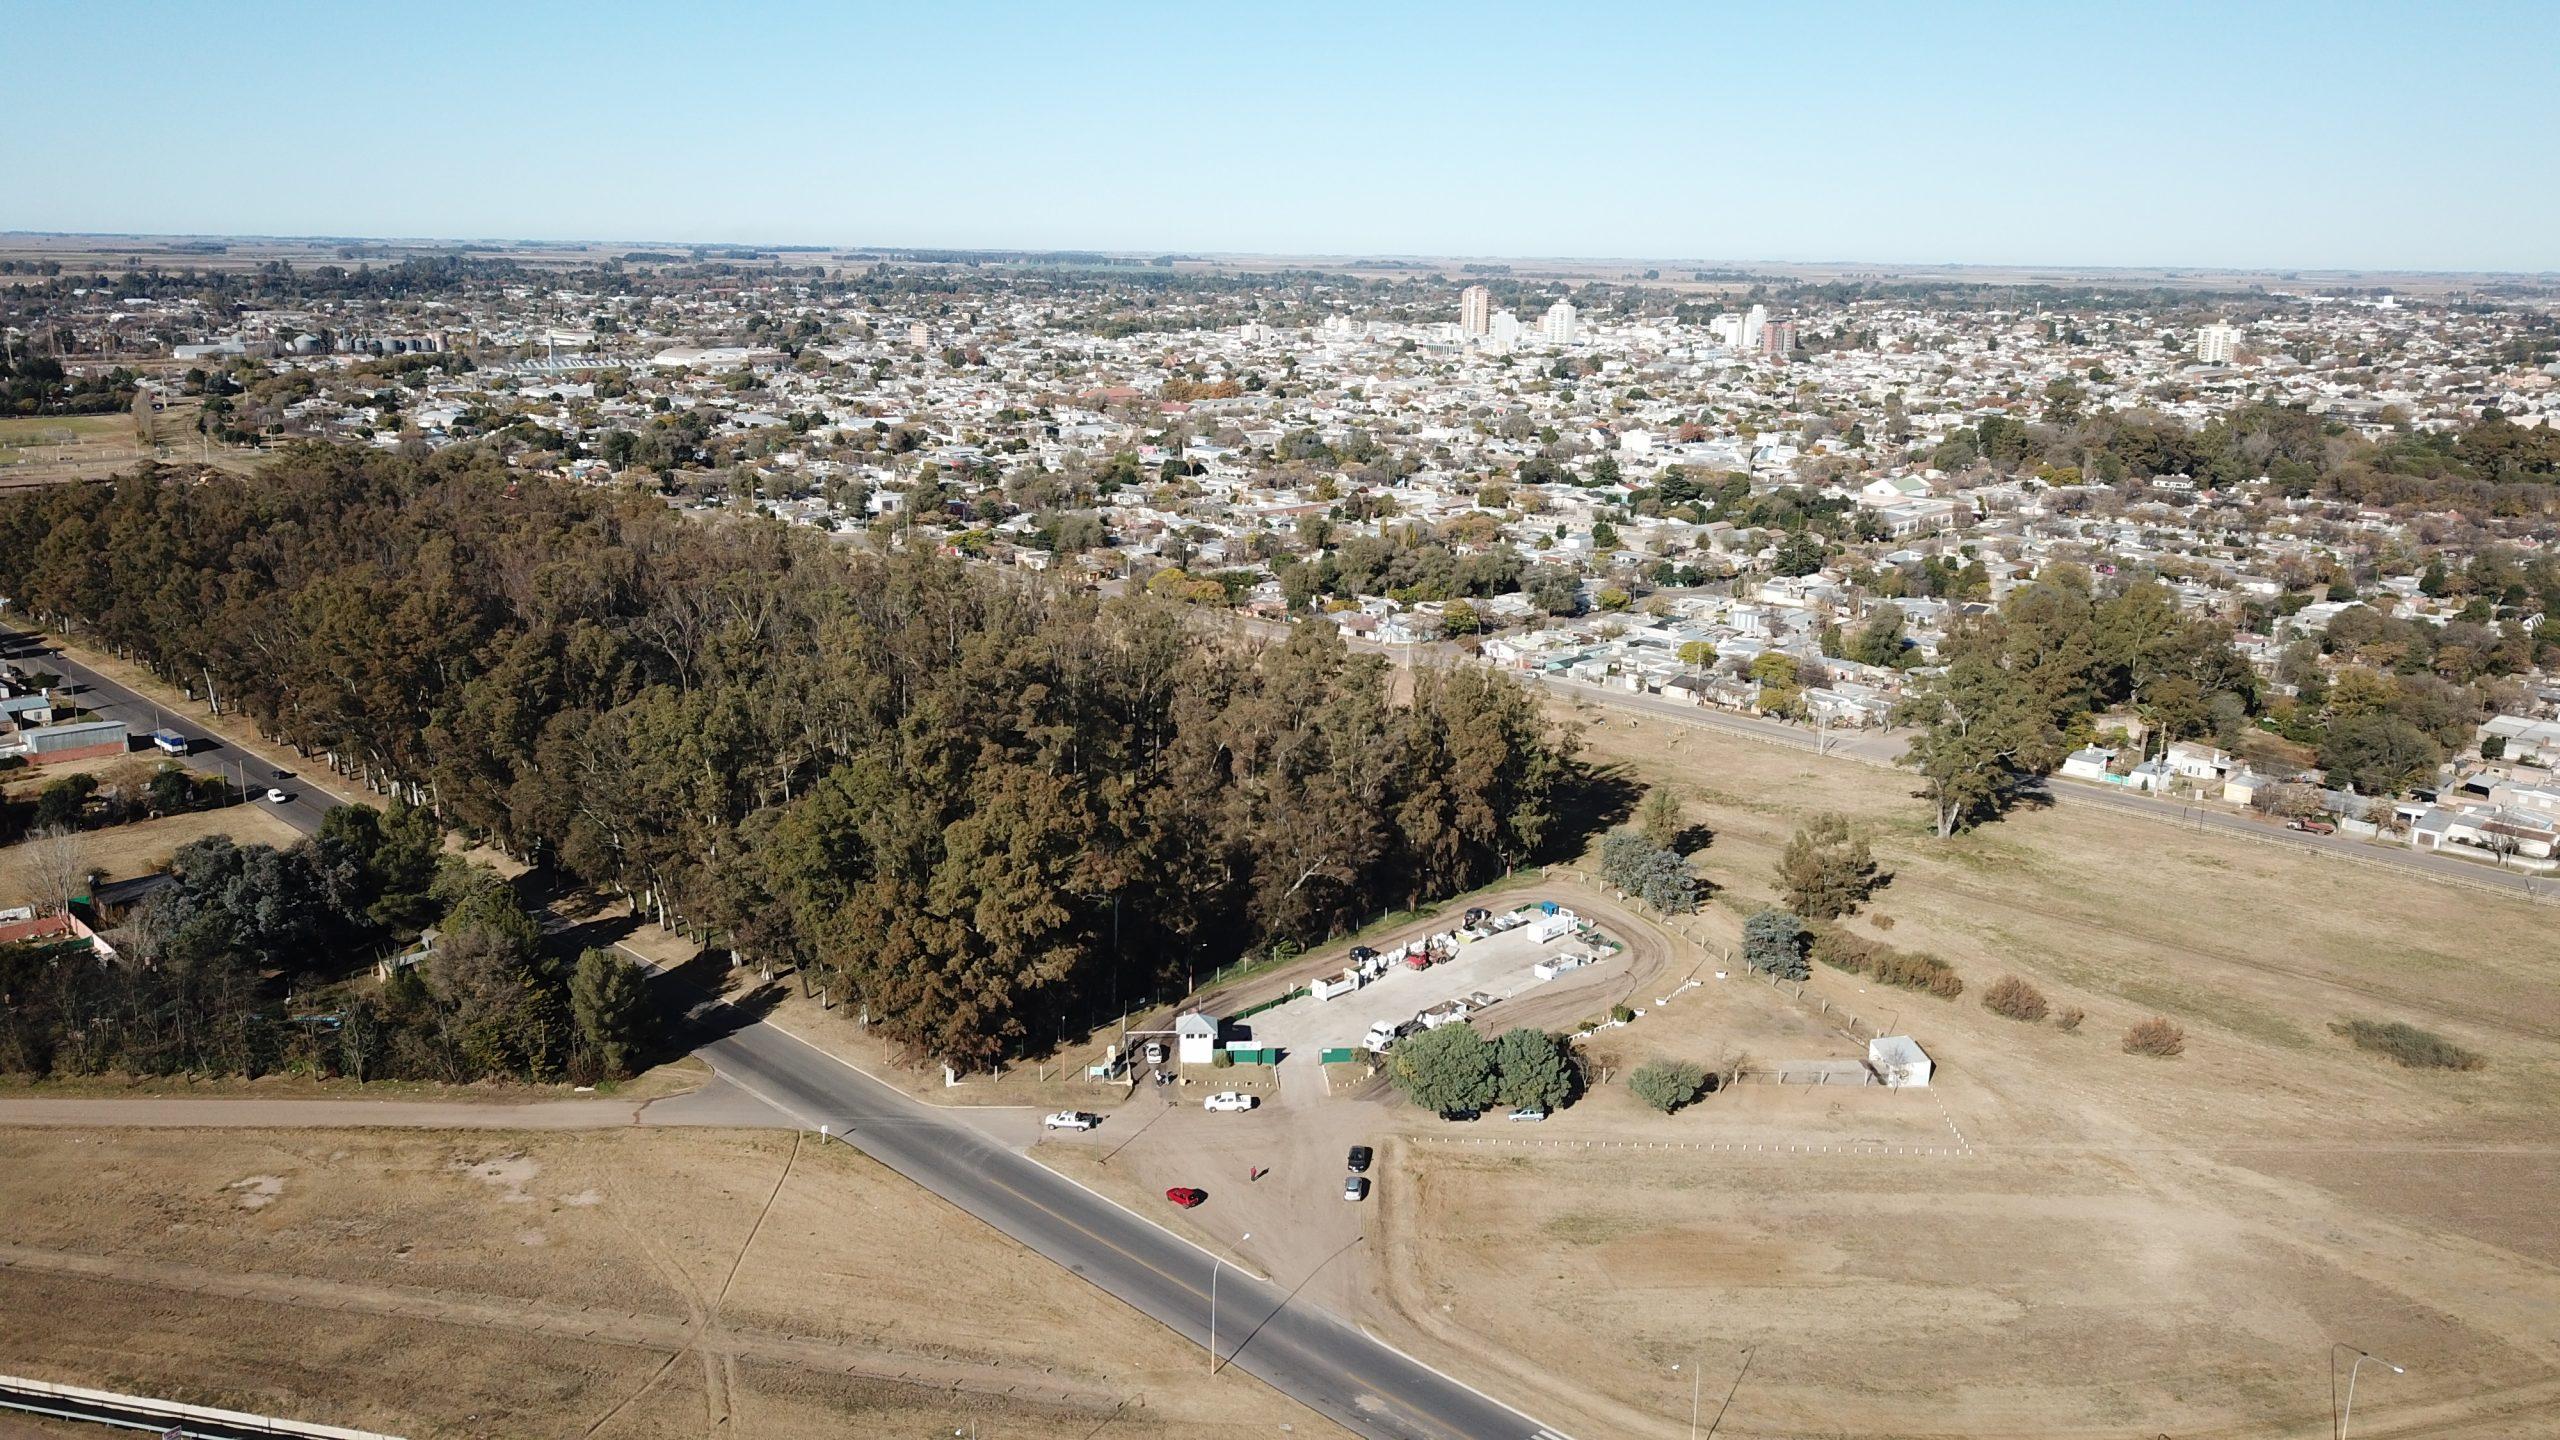 General Pico genera 90.000 kilos de basura por día: «Es una cifra muy alta y está relacionada con la capacidad de consumo de la ciudad», dijo Alberto Campo